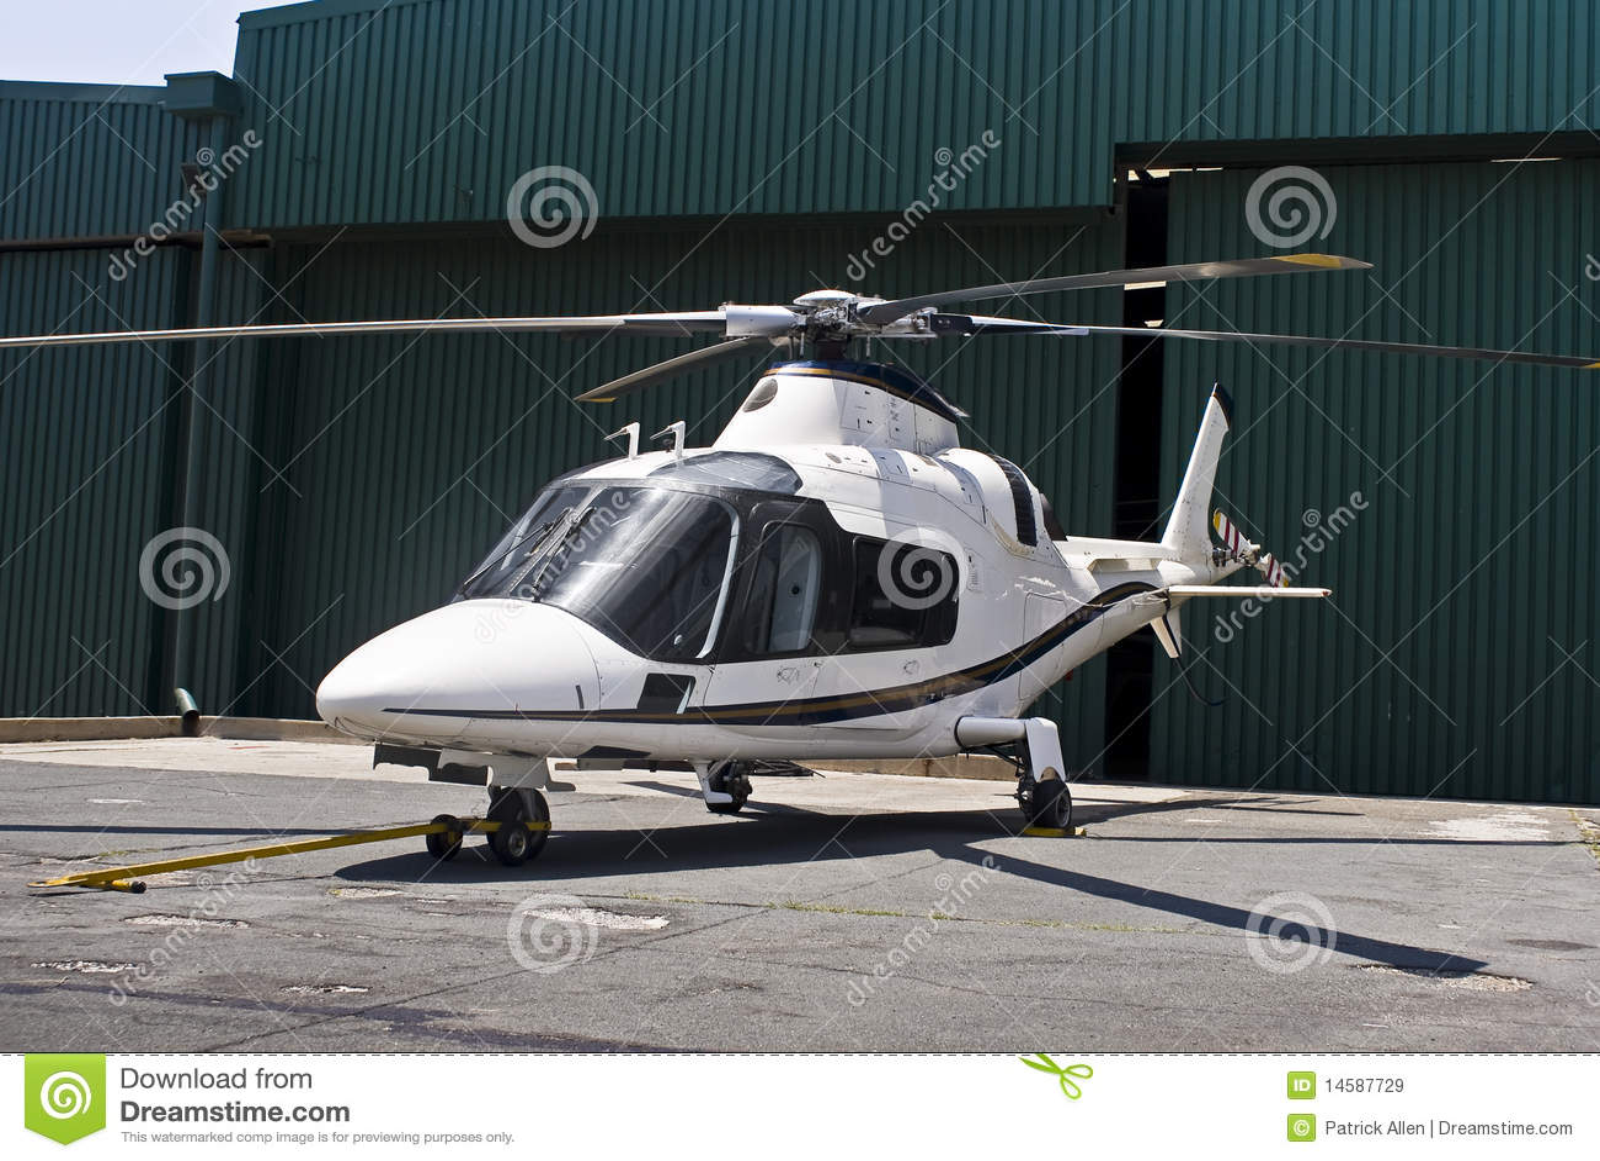 Elicottero Leggero : Elicottero di agusta a immagini stock libere da diritti